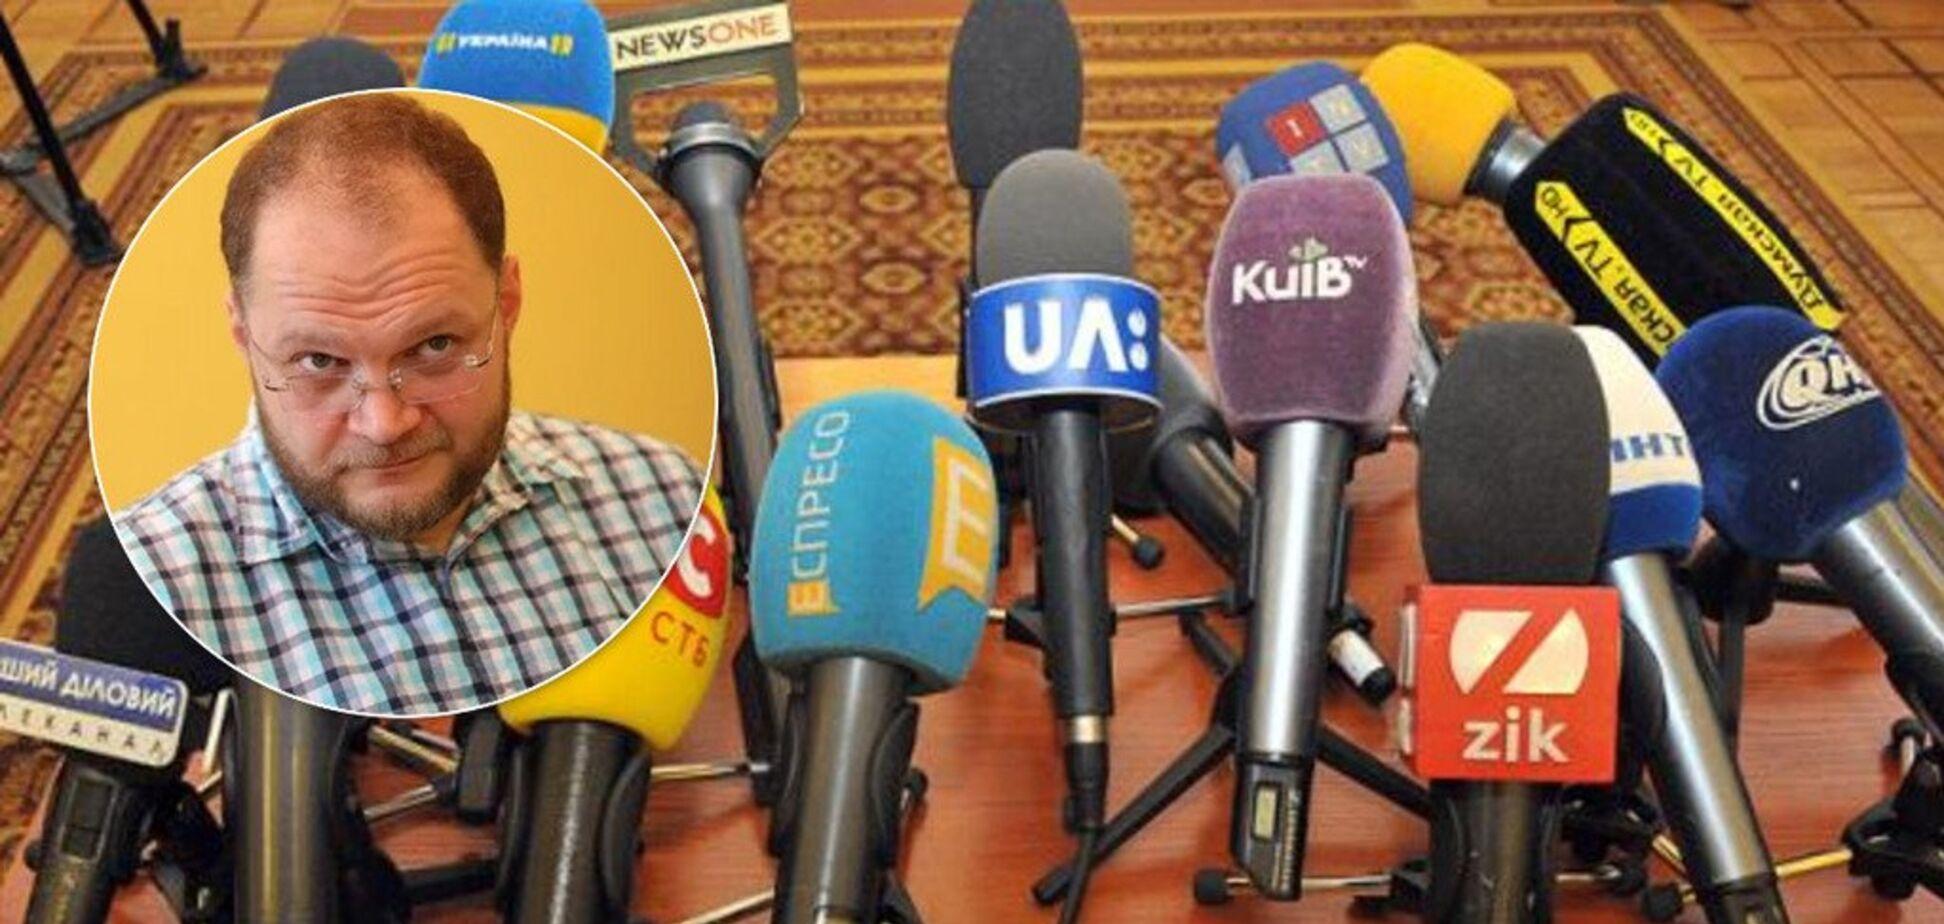 Міністр культури України запропонував карати журналістів за маніпуляції